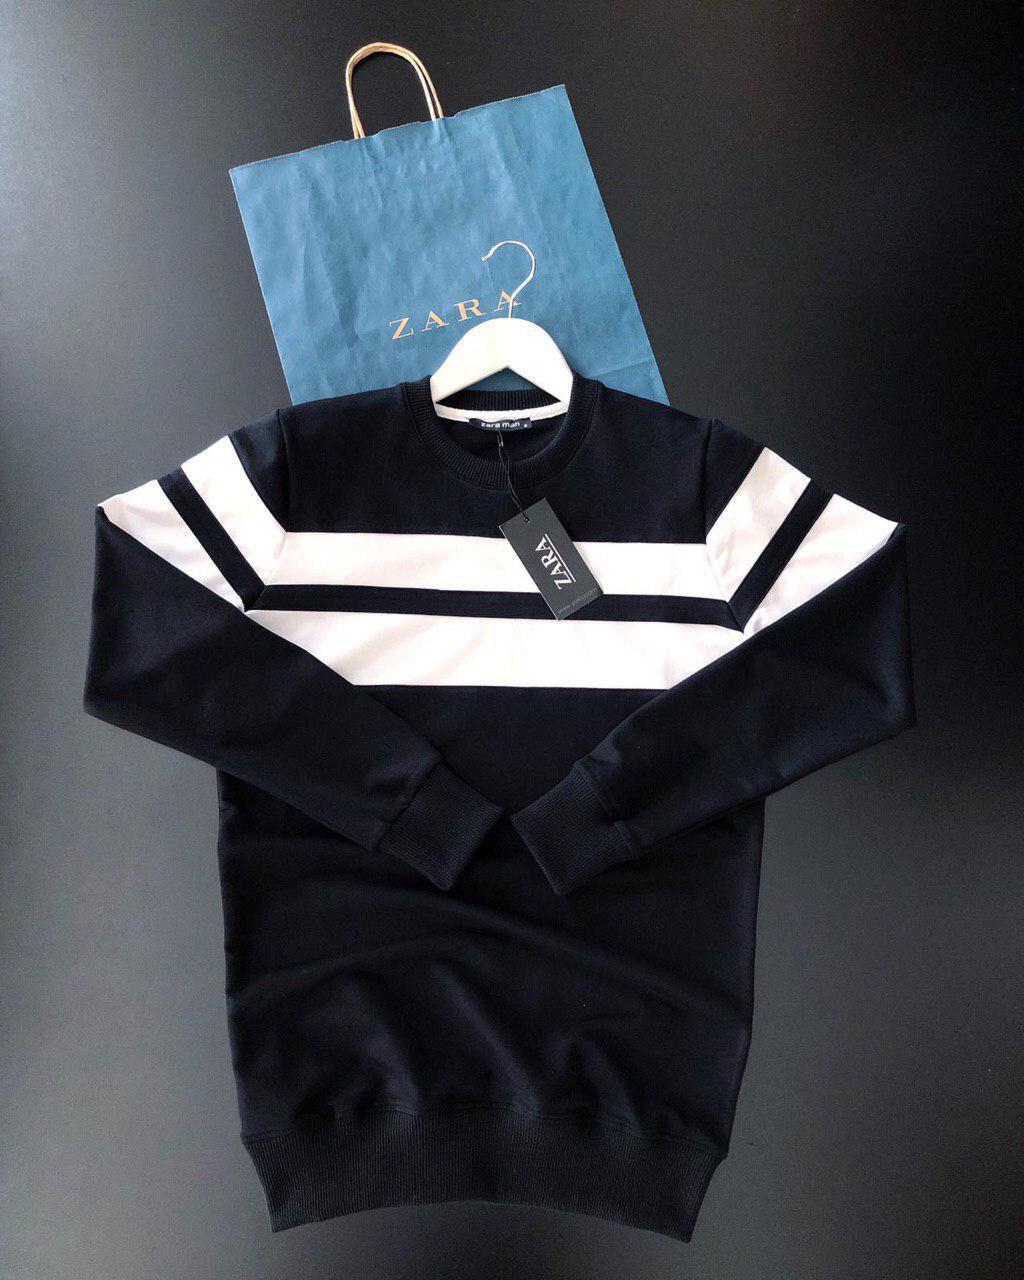 Мужской свитшот Zara black/white (реплика)